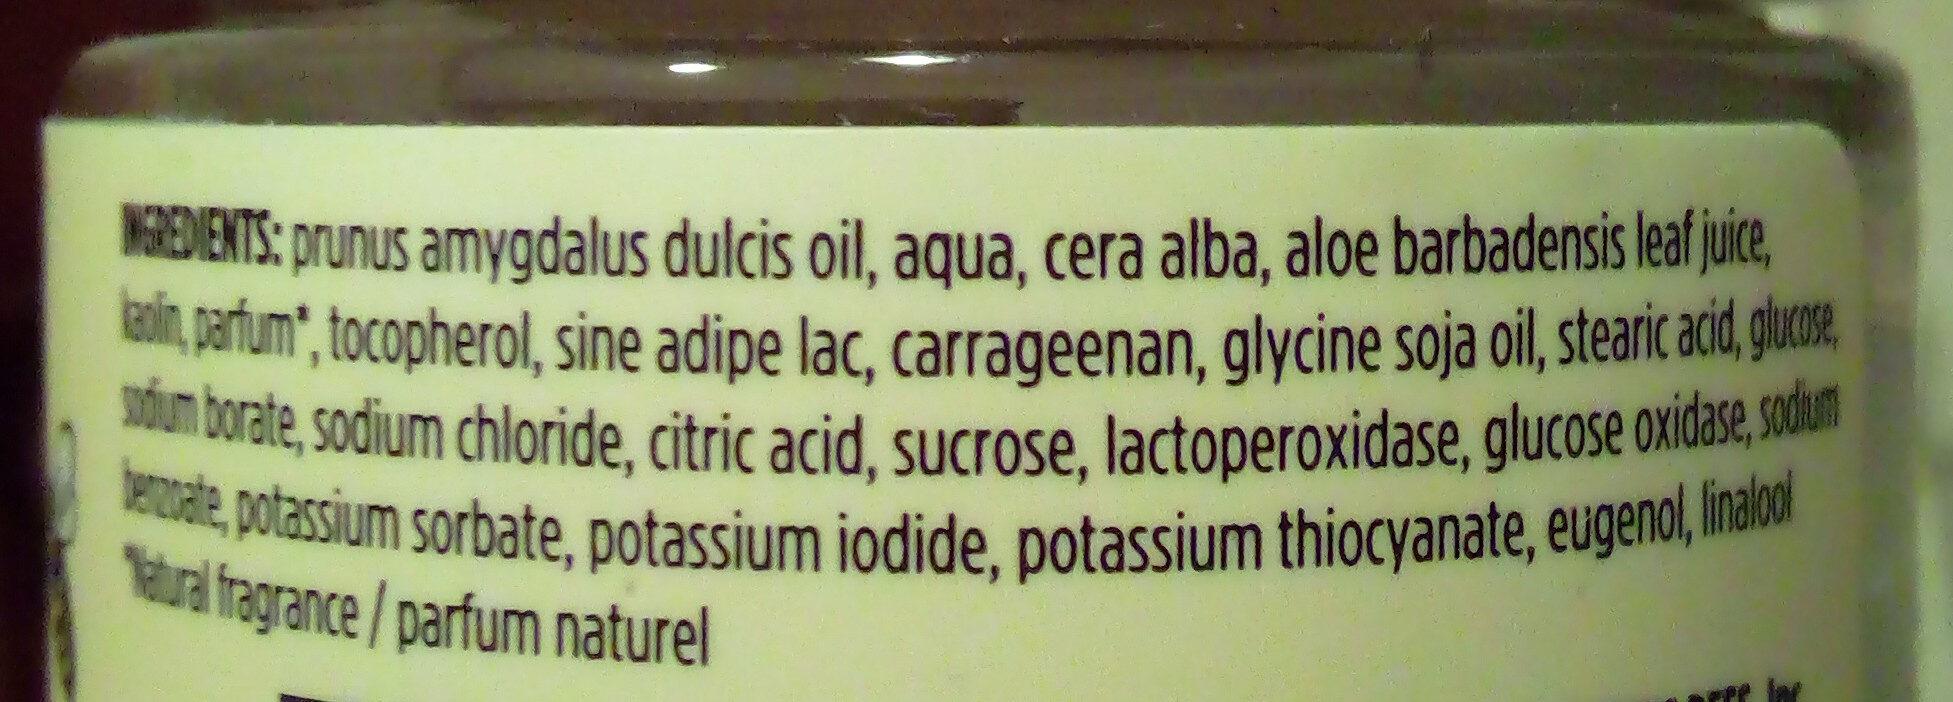 Crème pour les mains à l'huile d'amande et au lait - Ingrédients - fr